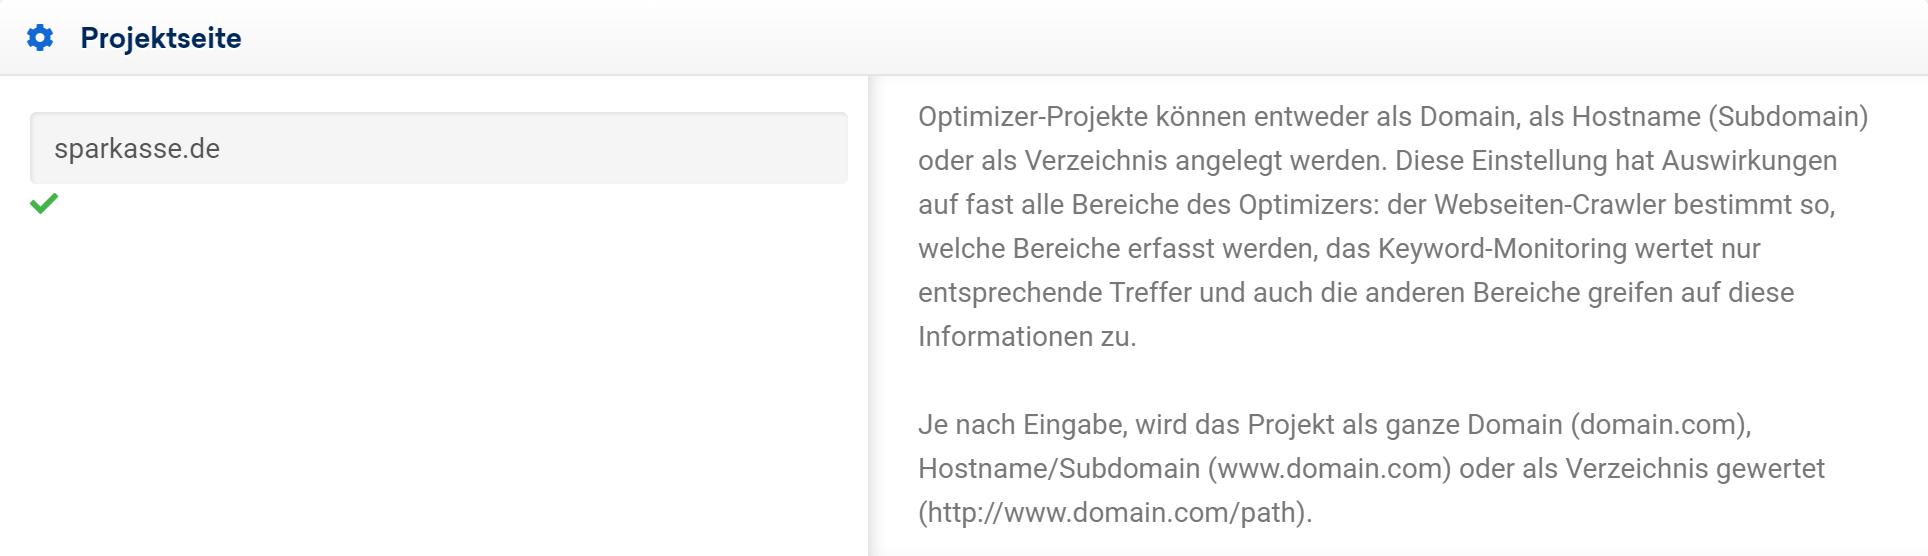 Eingabe der Projektseite im SISTRIX Optimizer. In diesem Fall ist sparkasse.de eingegeben.